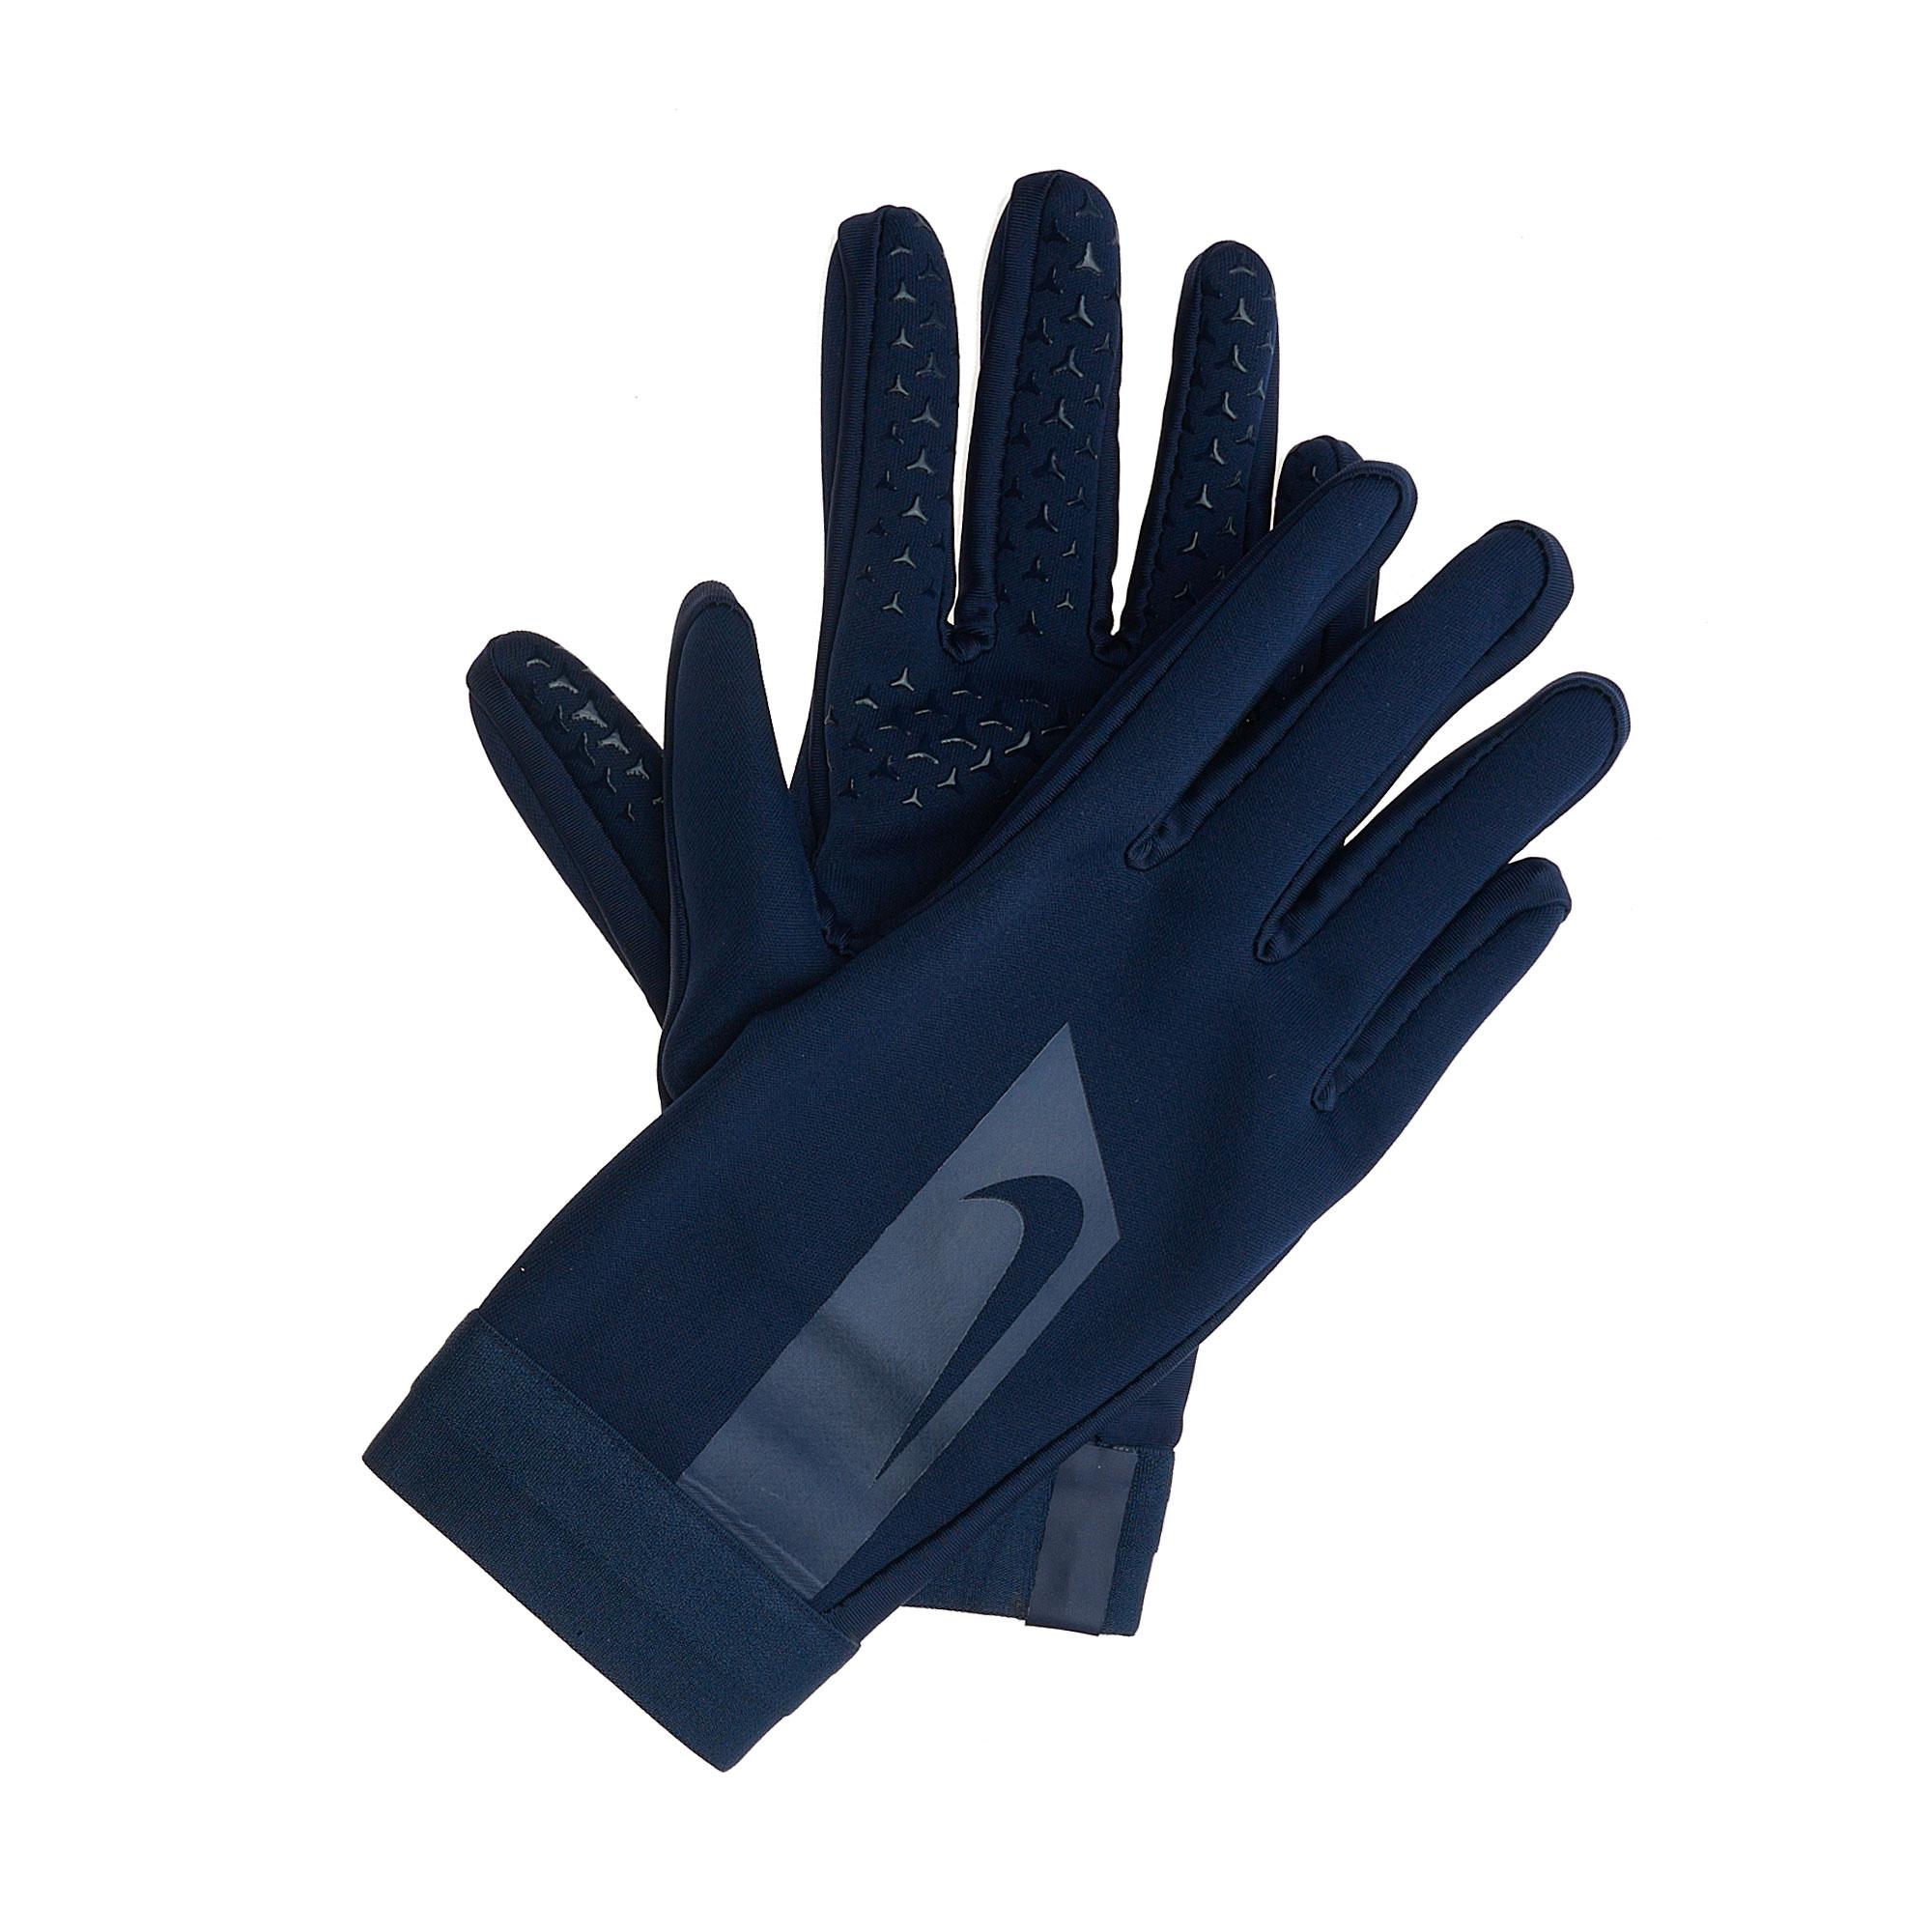 Перчатки тренировочные Nike Nike Цвет-Темно-Синий перчатки тренировочные мужские nike цвет черный серый красный размер l